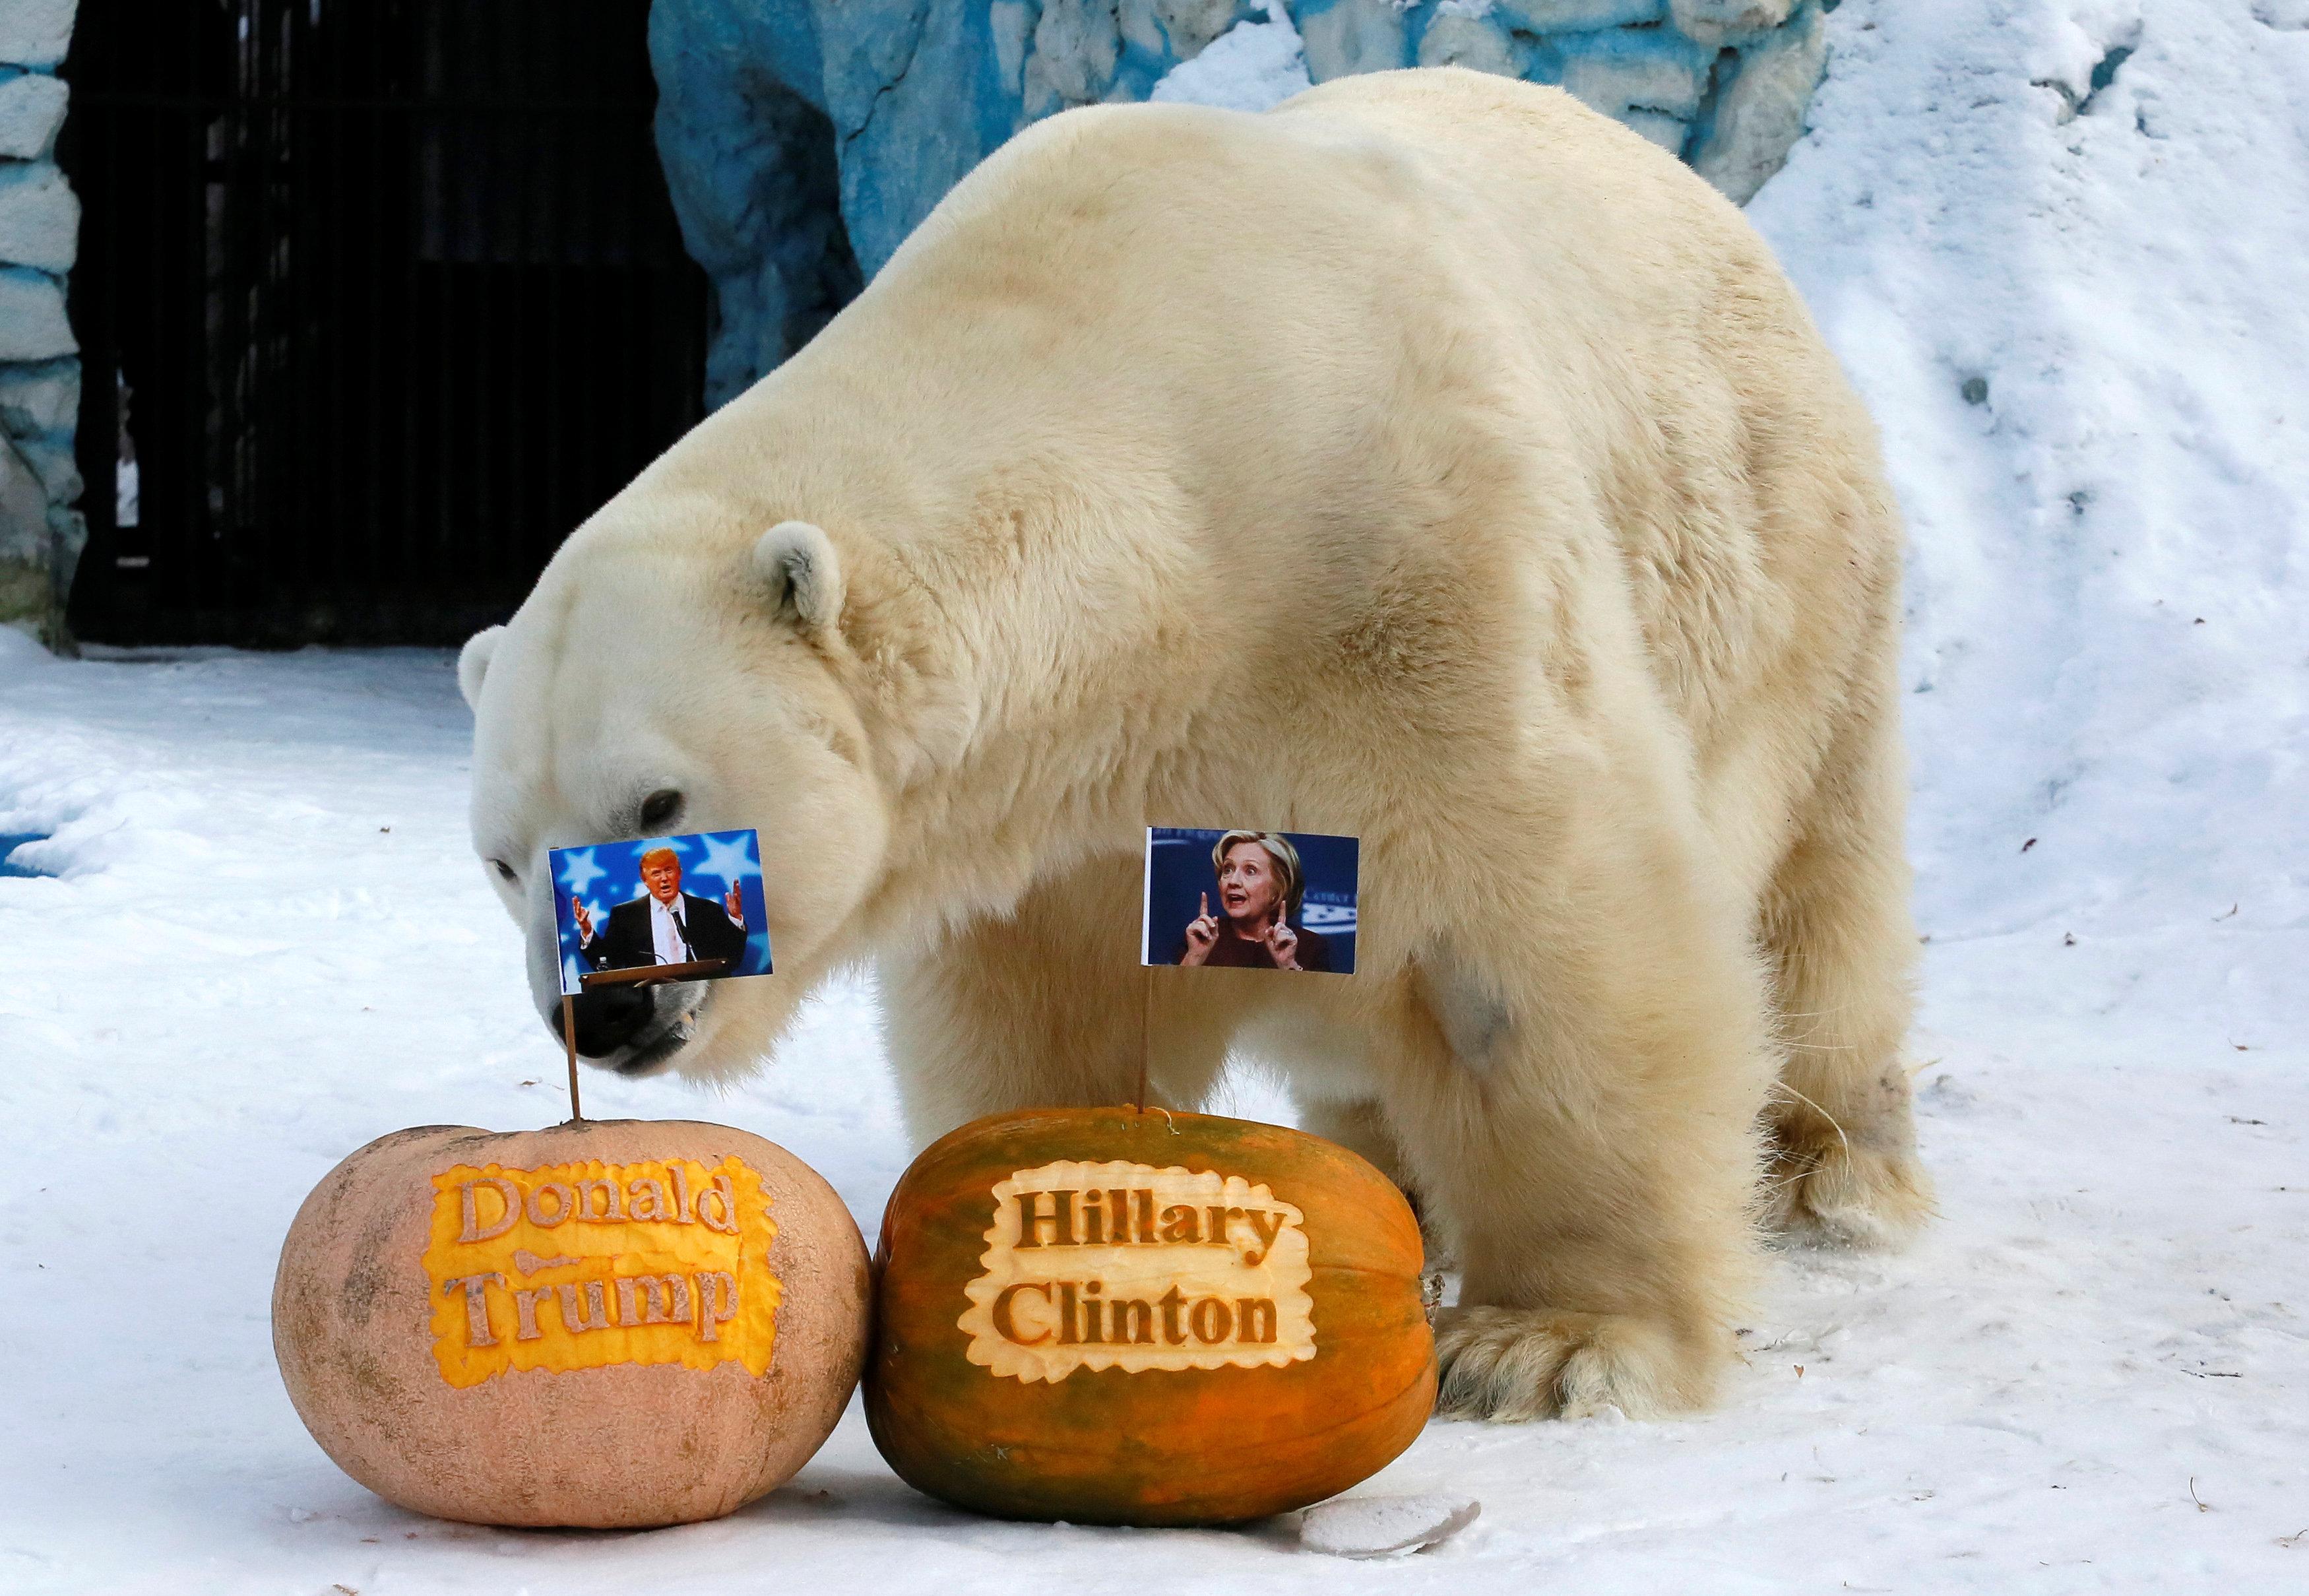 O urso polar Félix junto às abóboras com retratos dos candidatos à presidência norte-americana, Hillary Clinton e Donald Trump